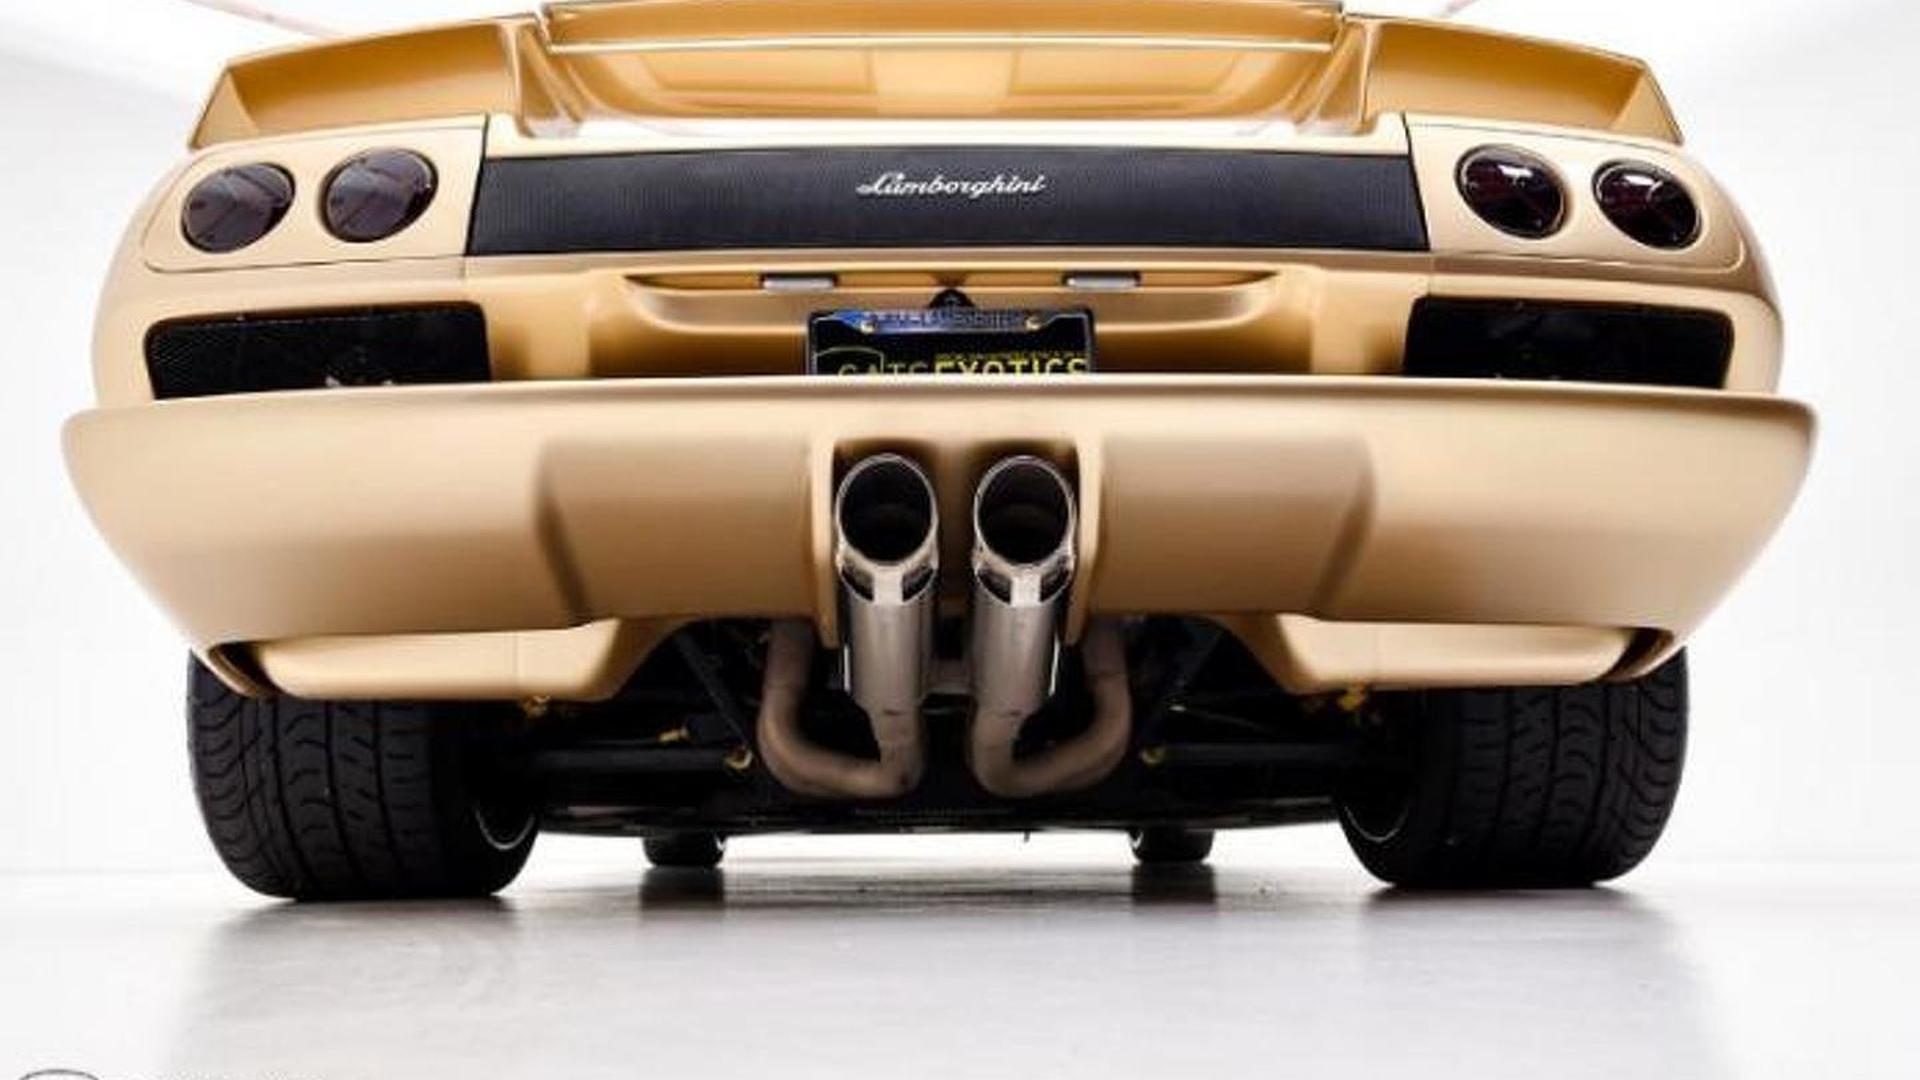 Выхлопные трубы Lamborghini Diablo 6.0 SE